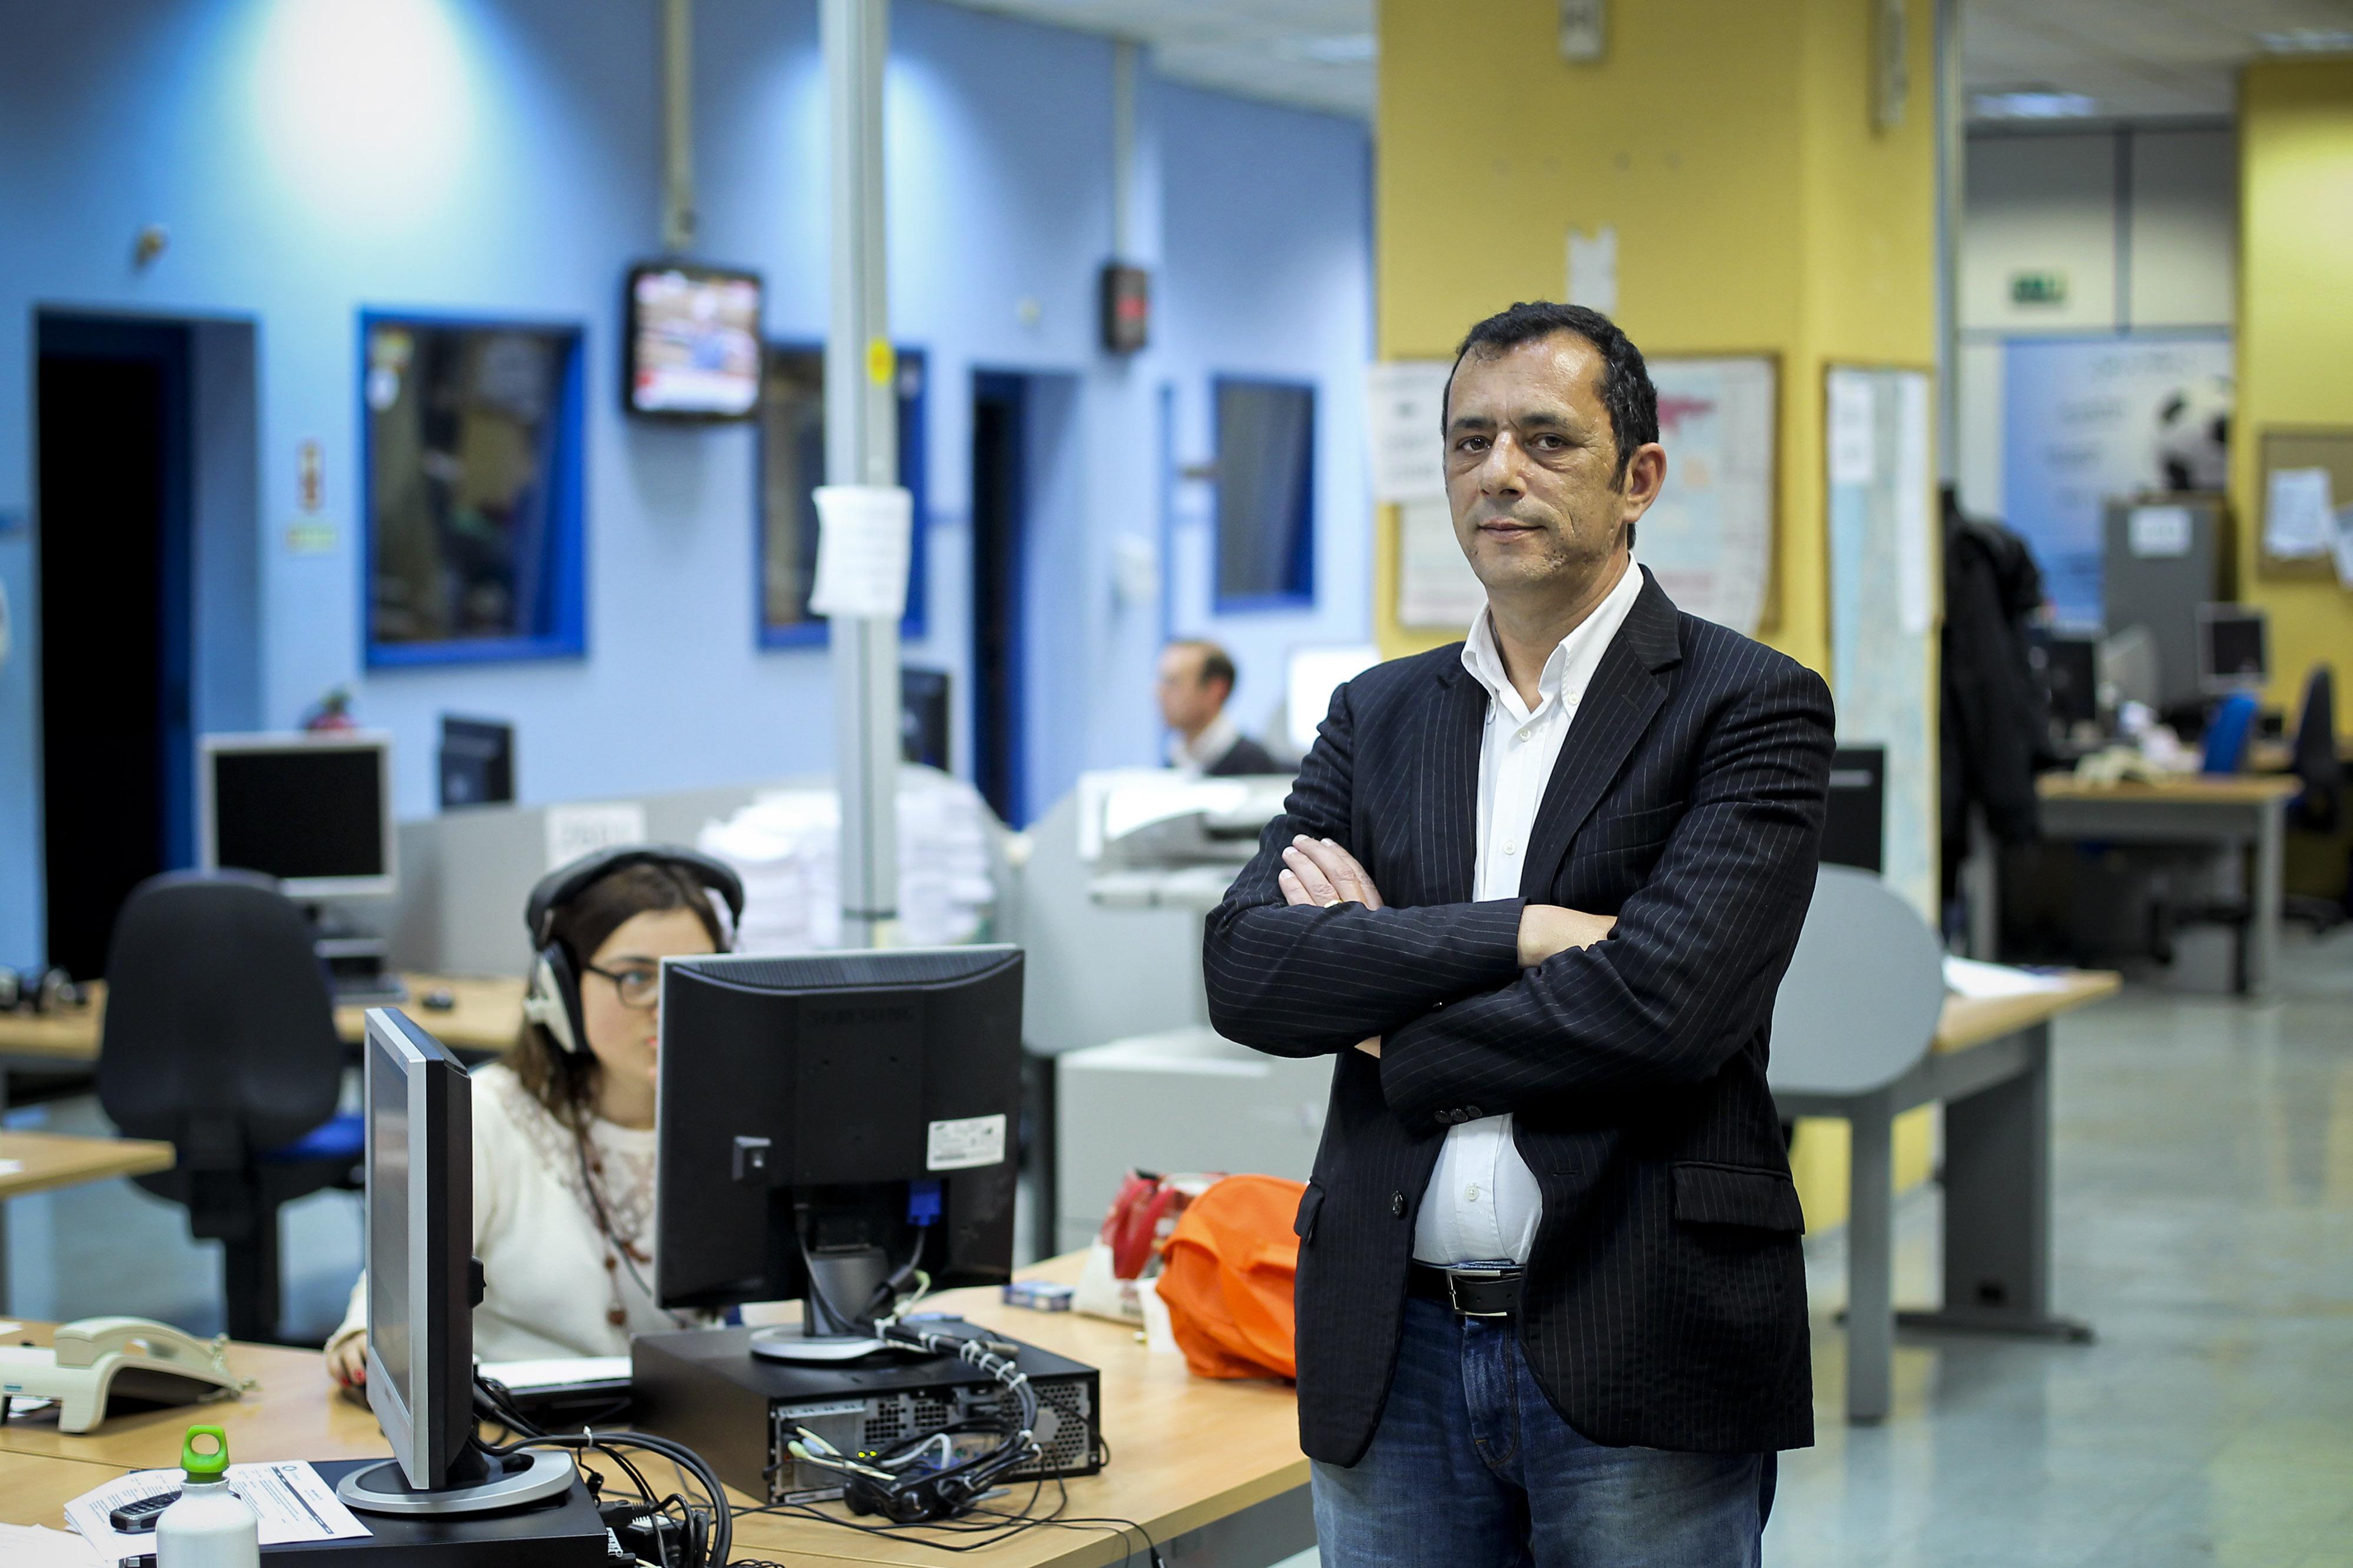 Paulo Baldaia assume direção do DN em setembro com Paulo Tavares como adjunto